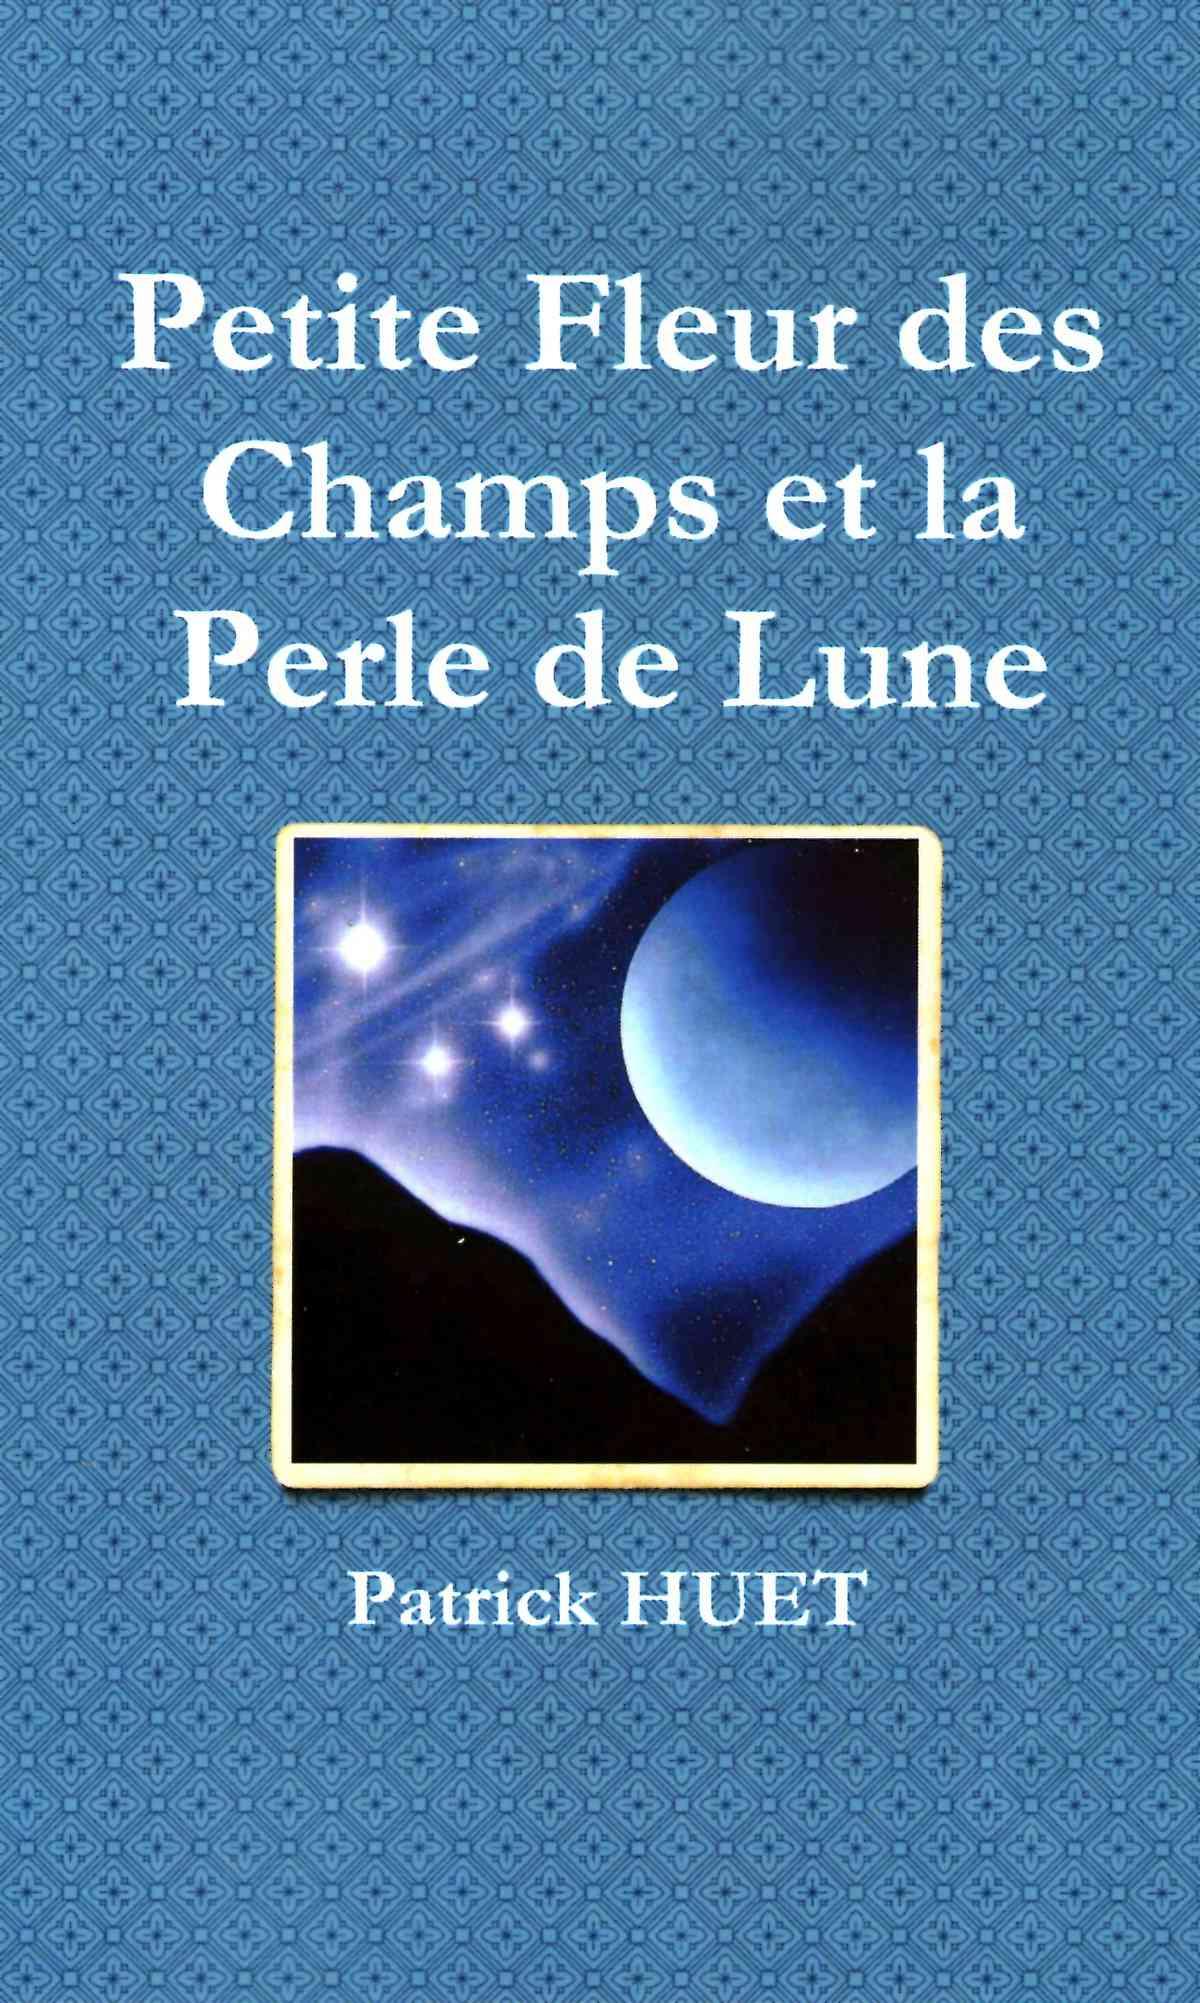 Roman Petite fleur des Champs et la Perle de Lune de Patrick Huet